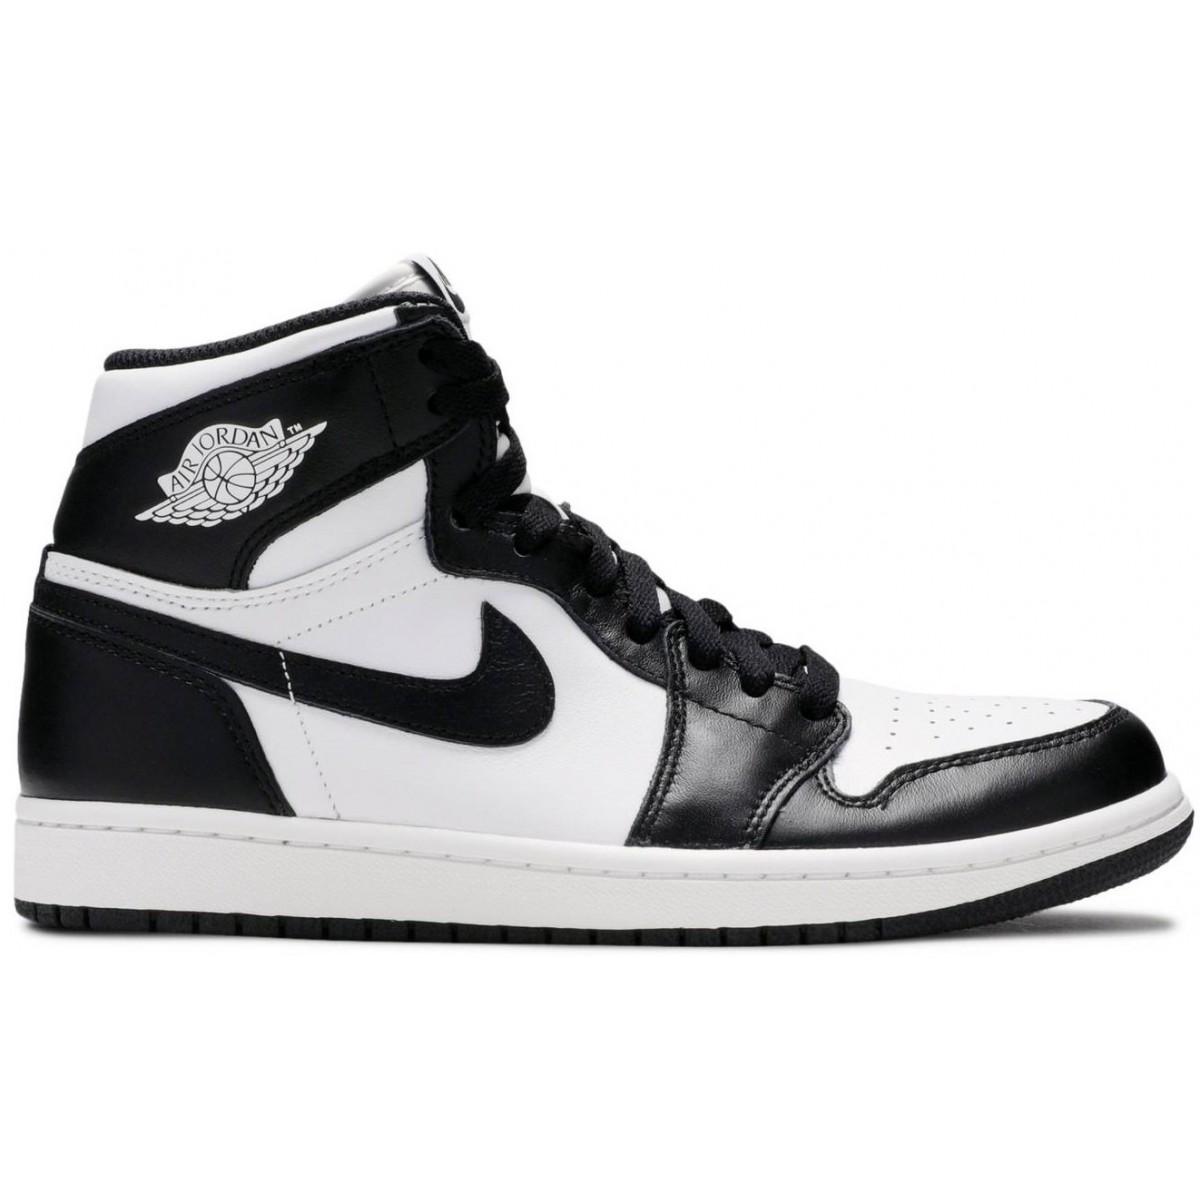 Air Jordan 1 Retro High OG Black White 575441-010